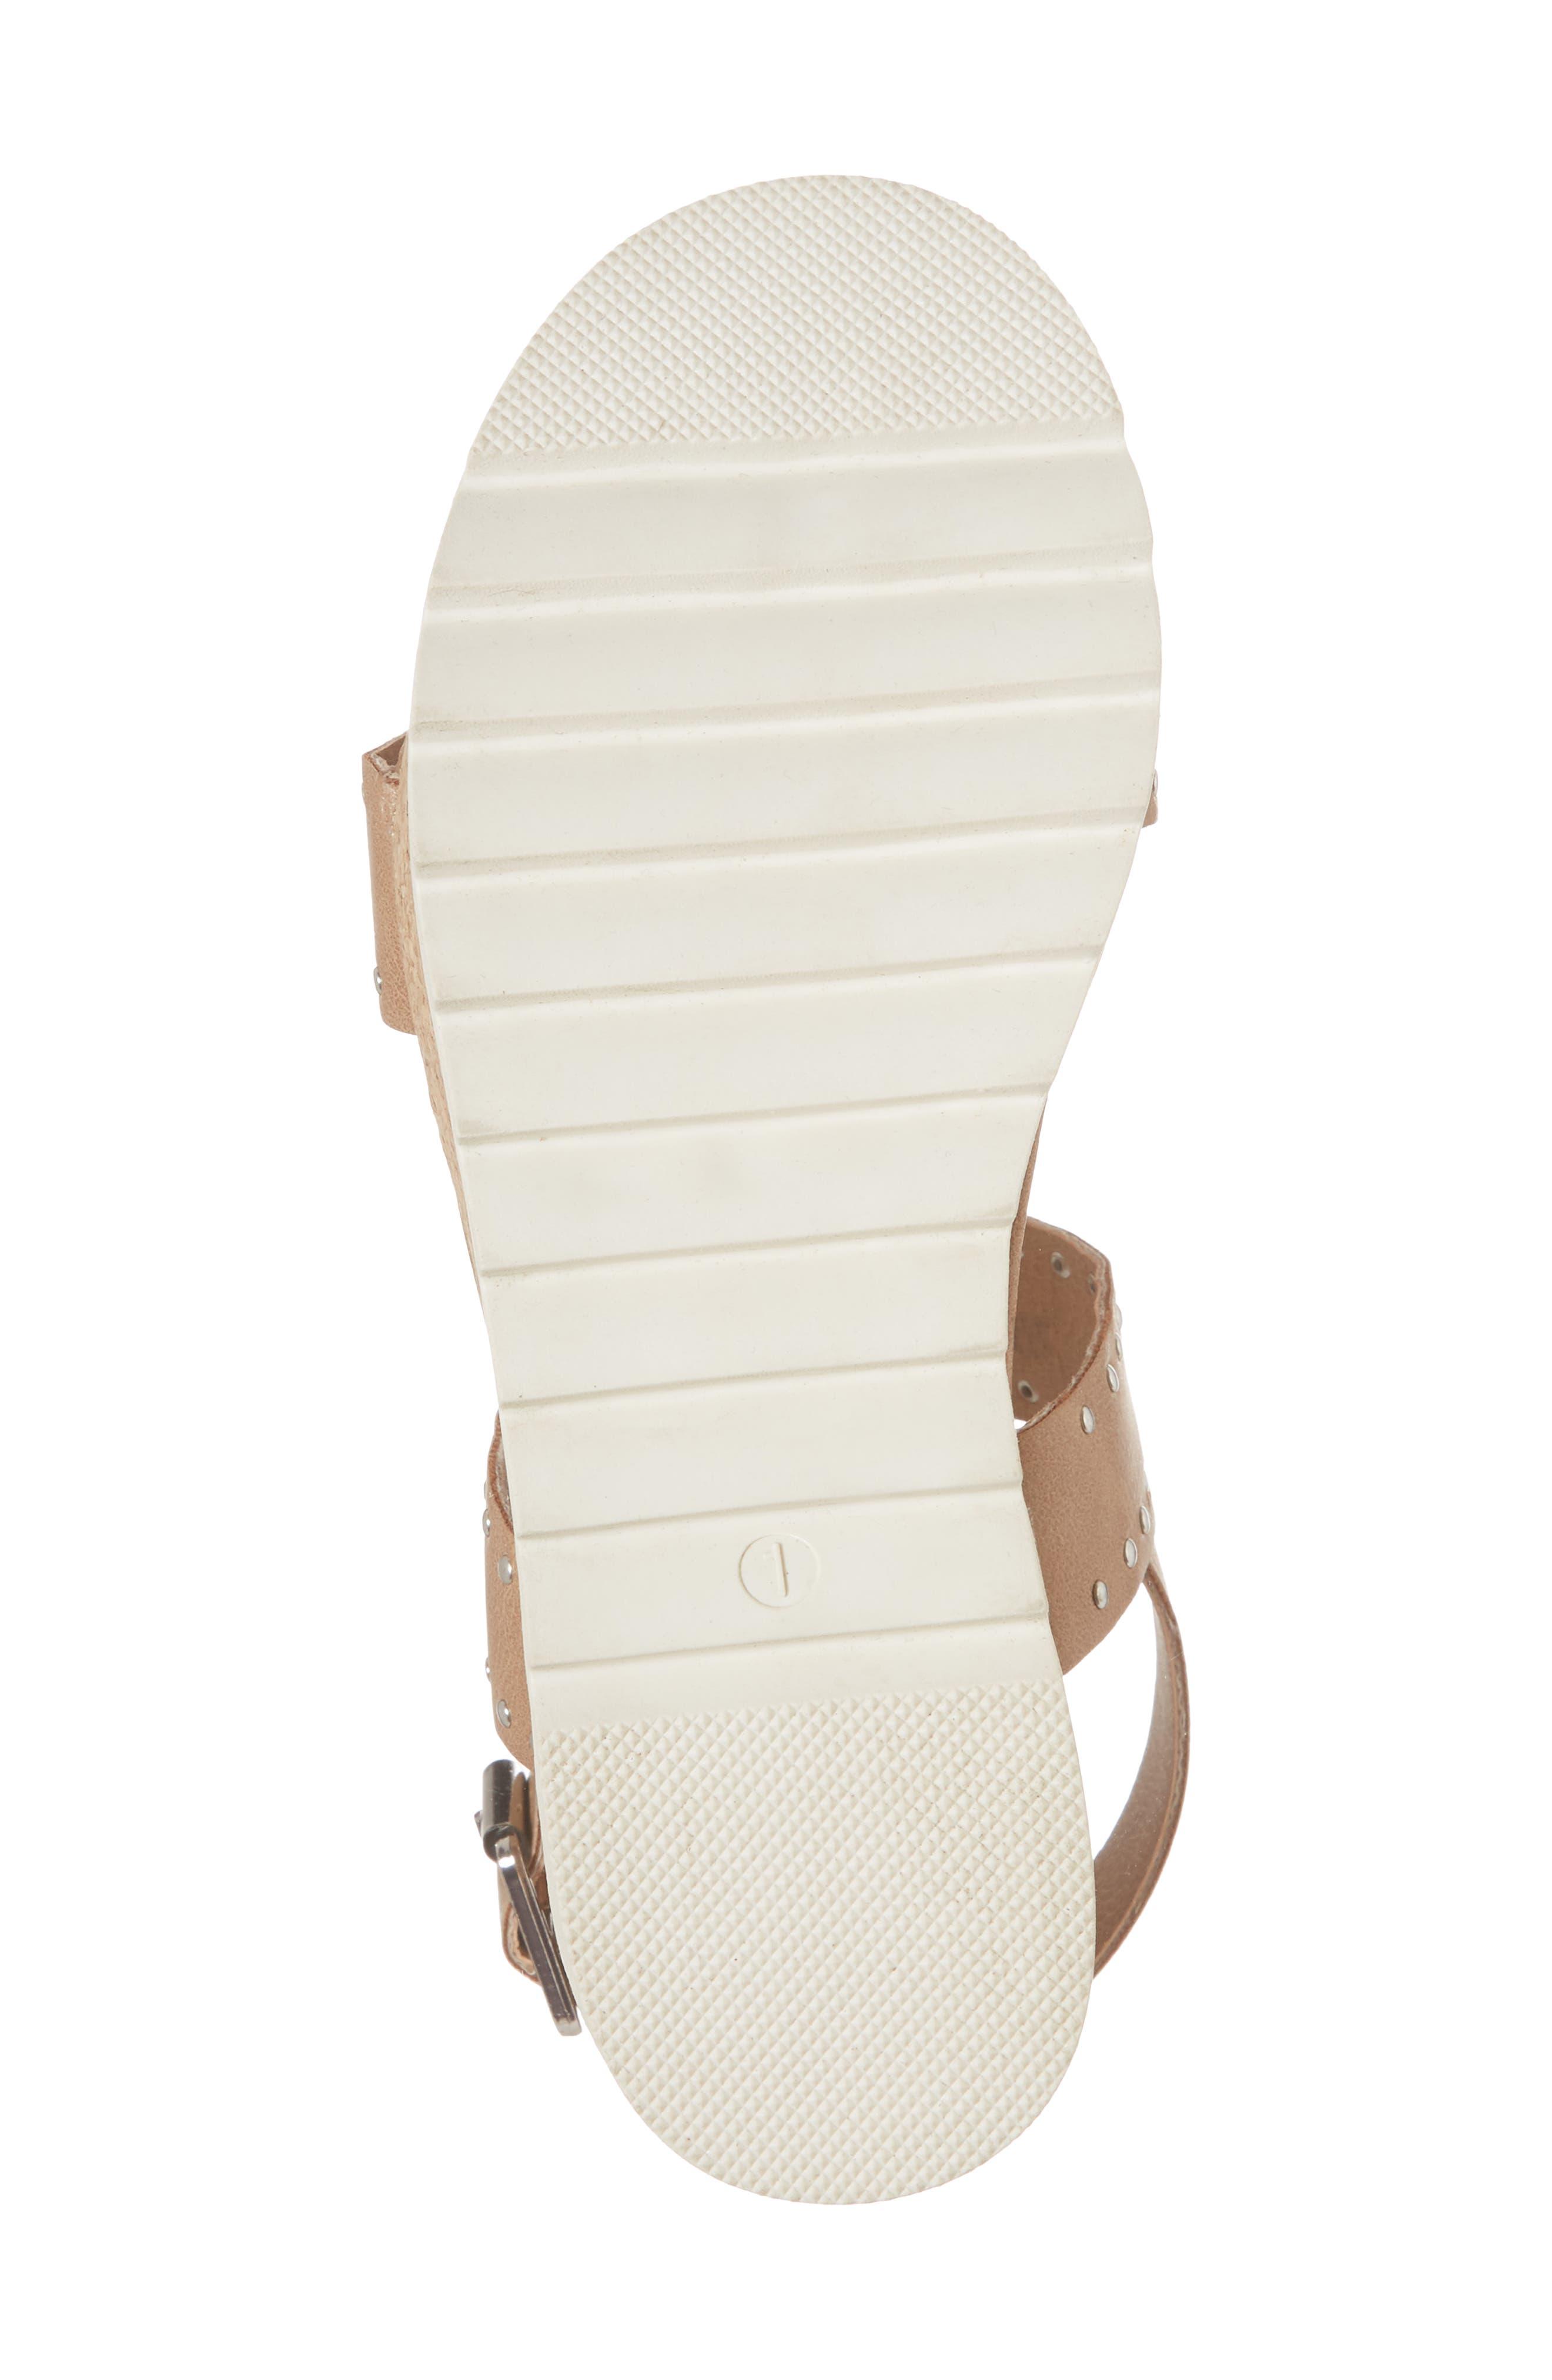 STEVE MADDEN,                             JKRISTIE Platform Sandal,                             Alternate thumbnail 6, color,                             200